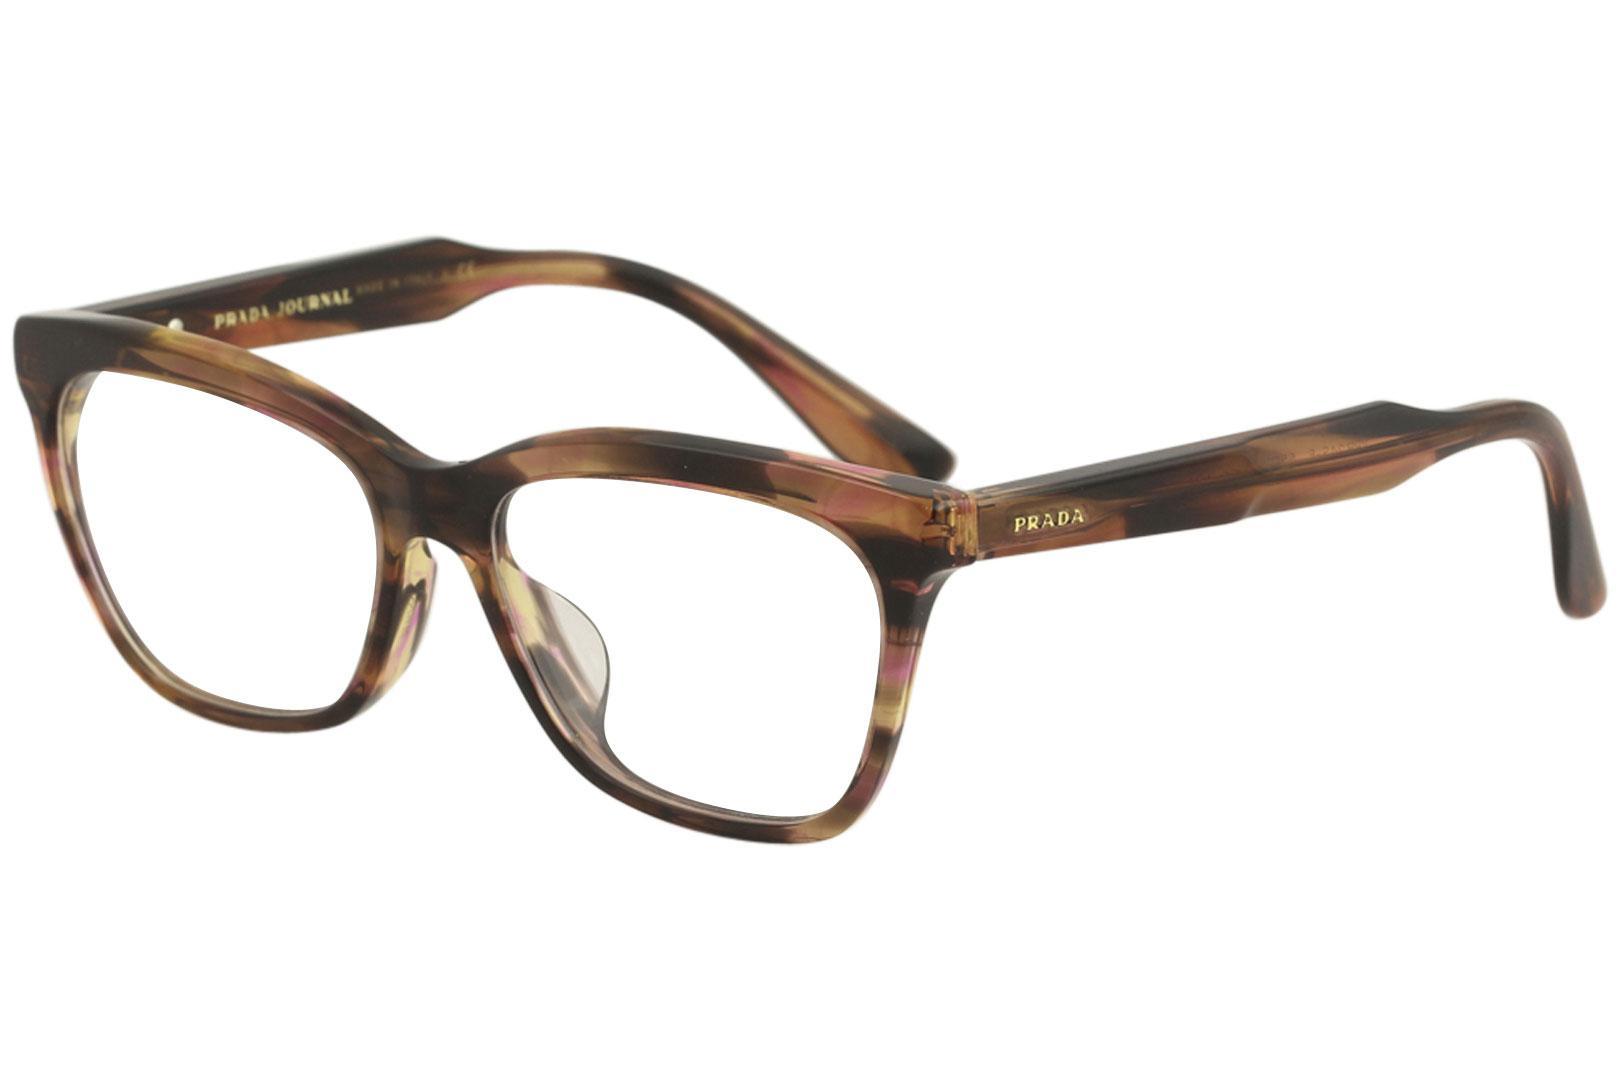 d1c41a02457 Prada Women s Eyeglasses VPR24SF VPR 24 SF Full Rim Optical Frame